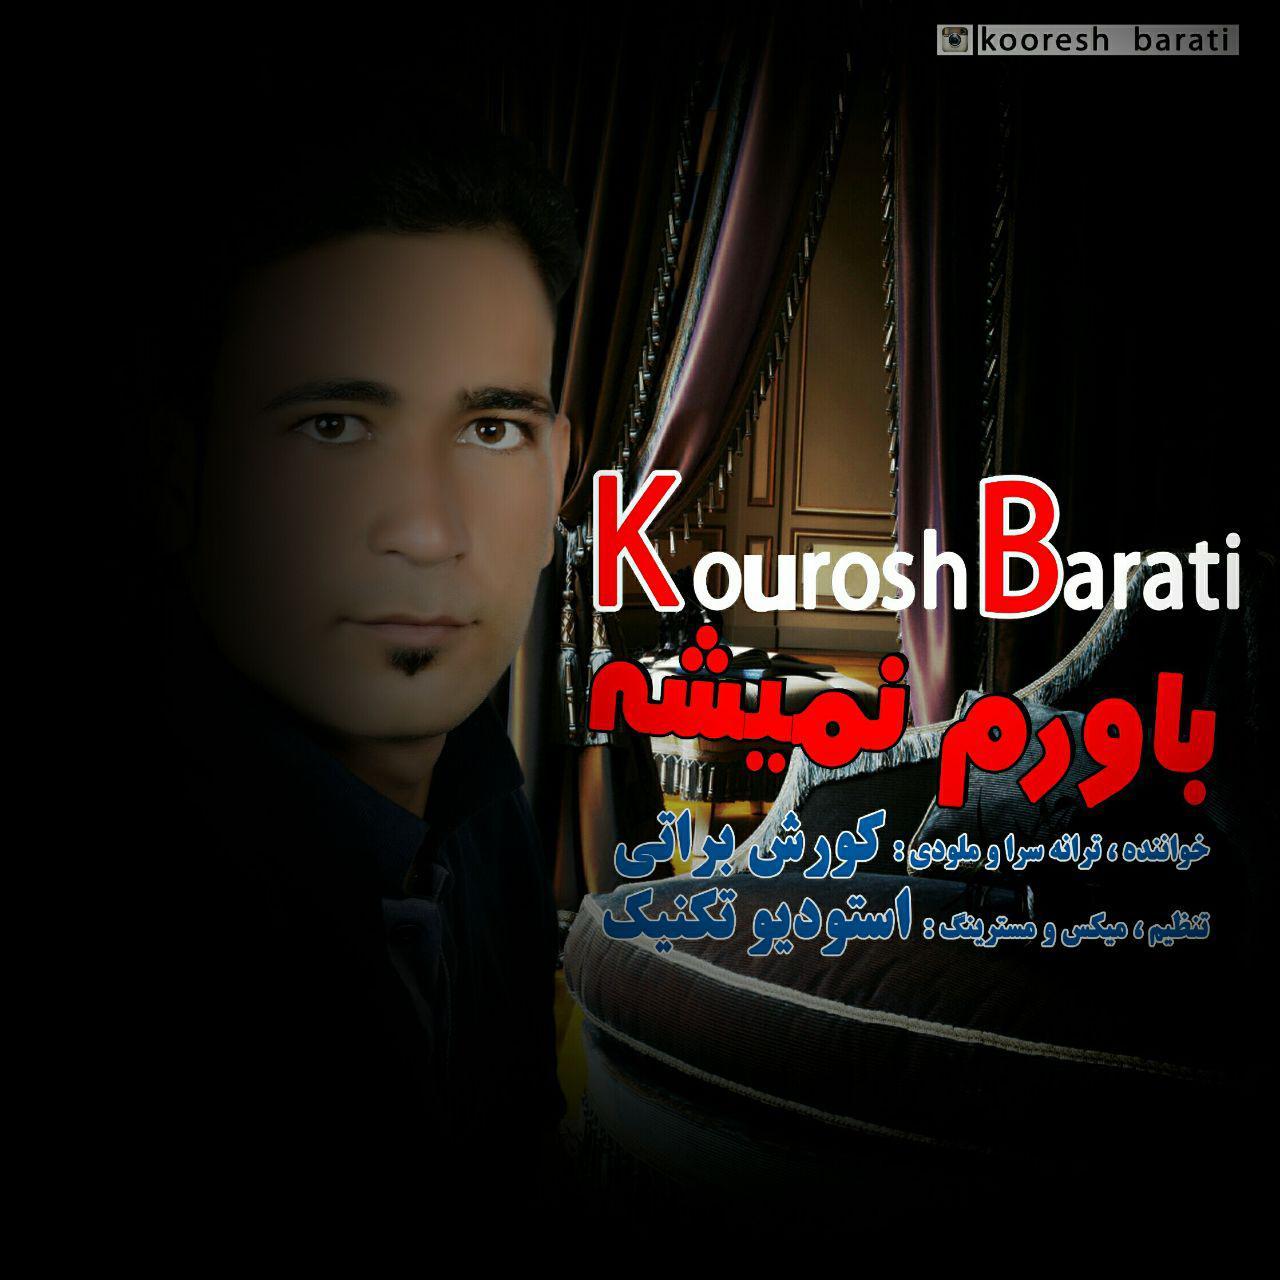 http://dl2.kord-music.net/1395/02/14/Korosh%20Barati.jpg